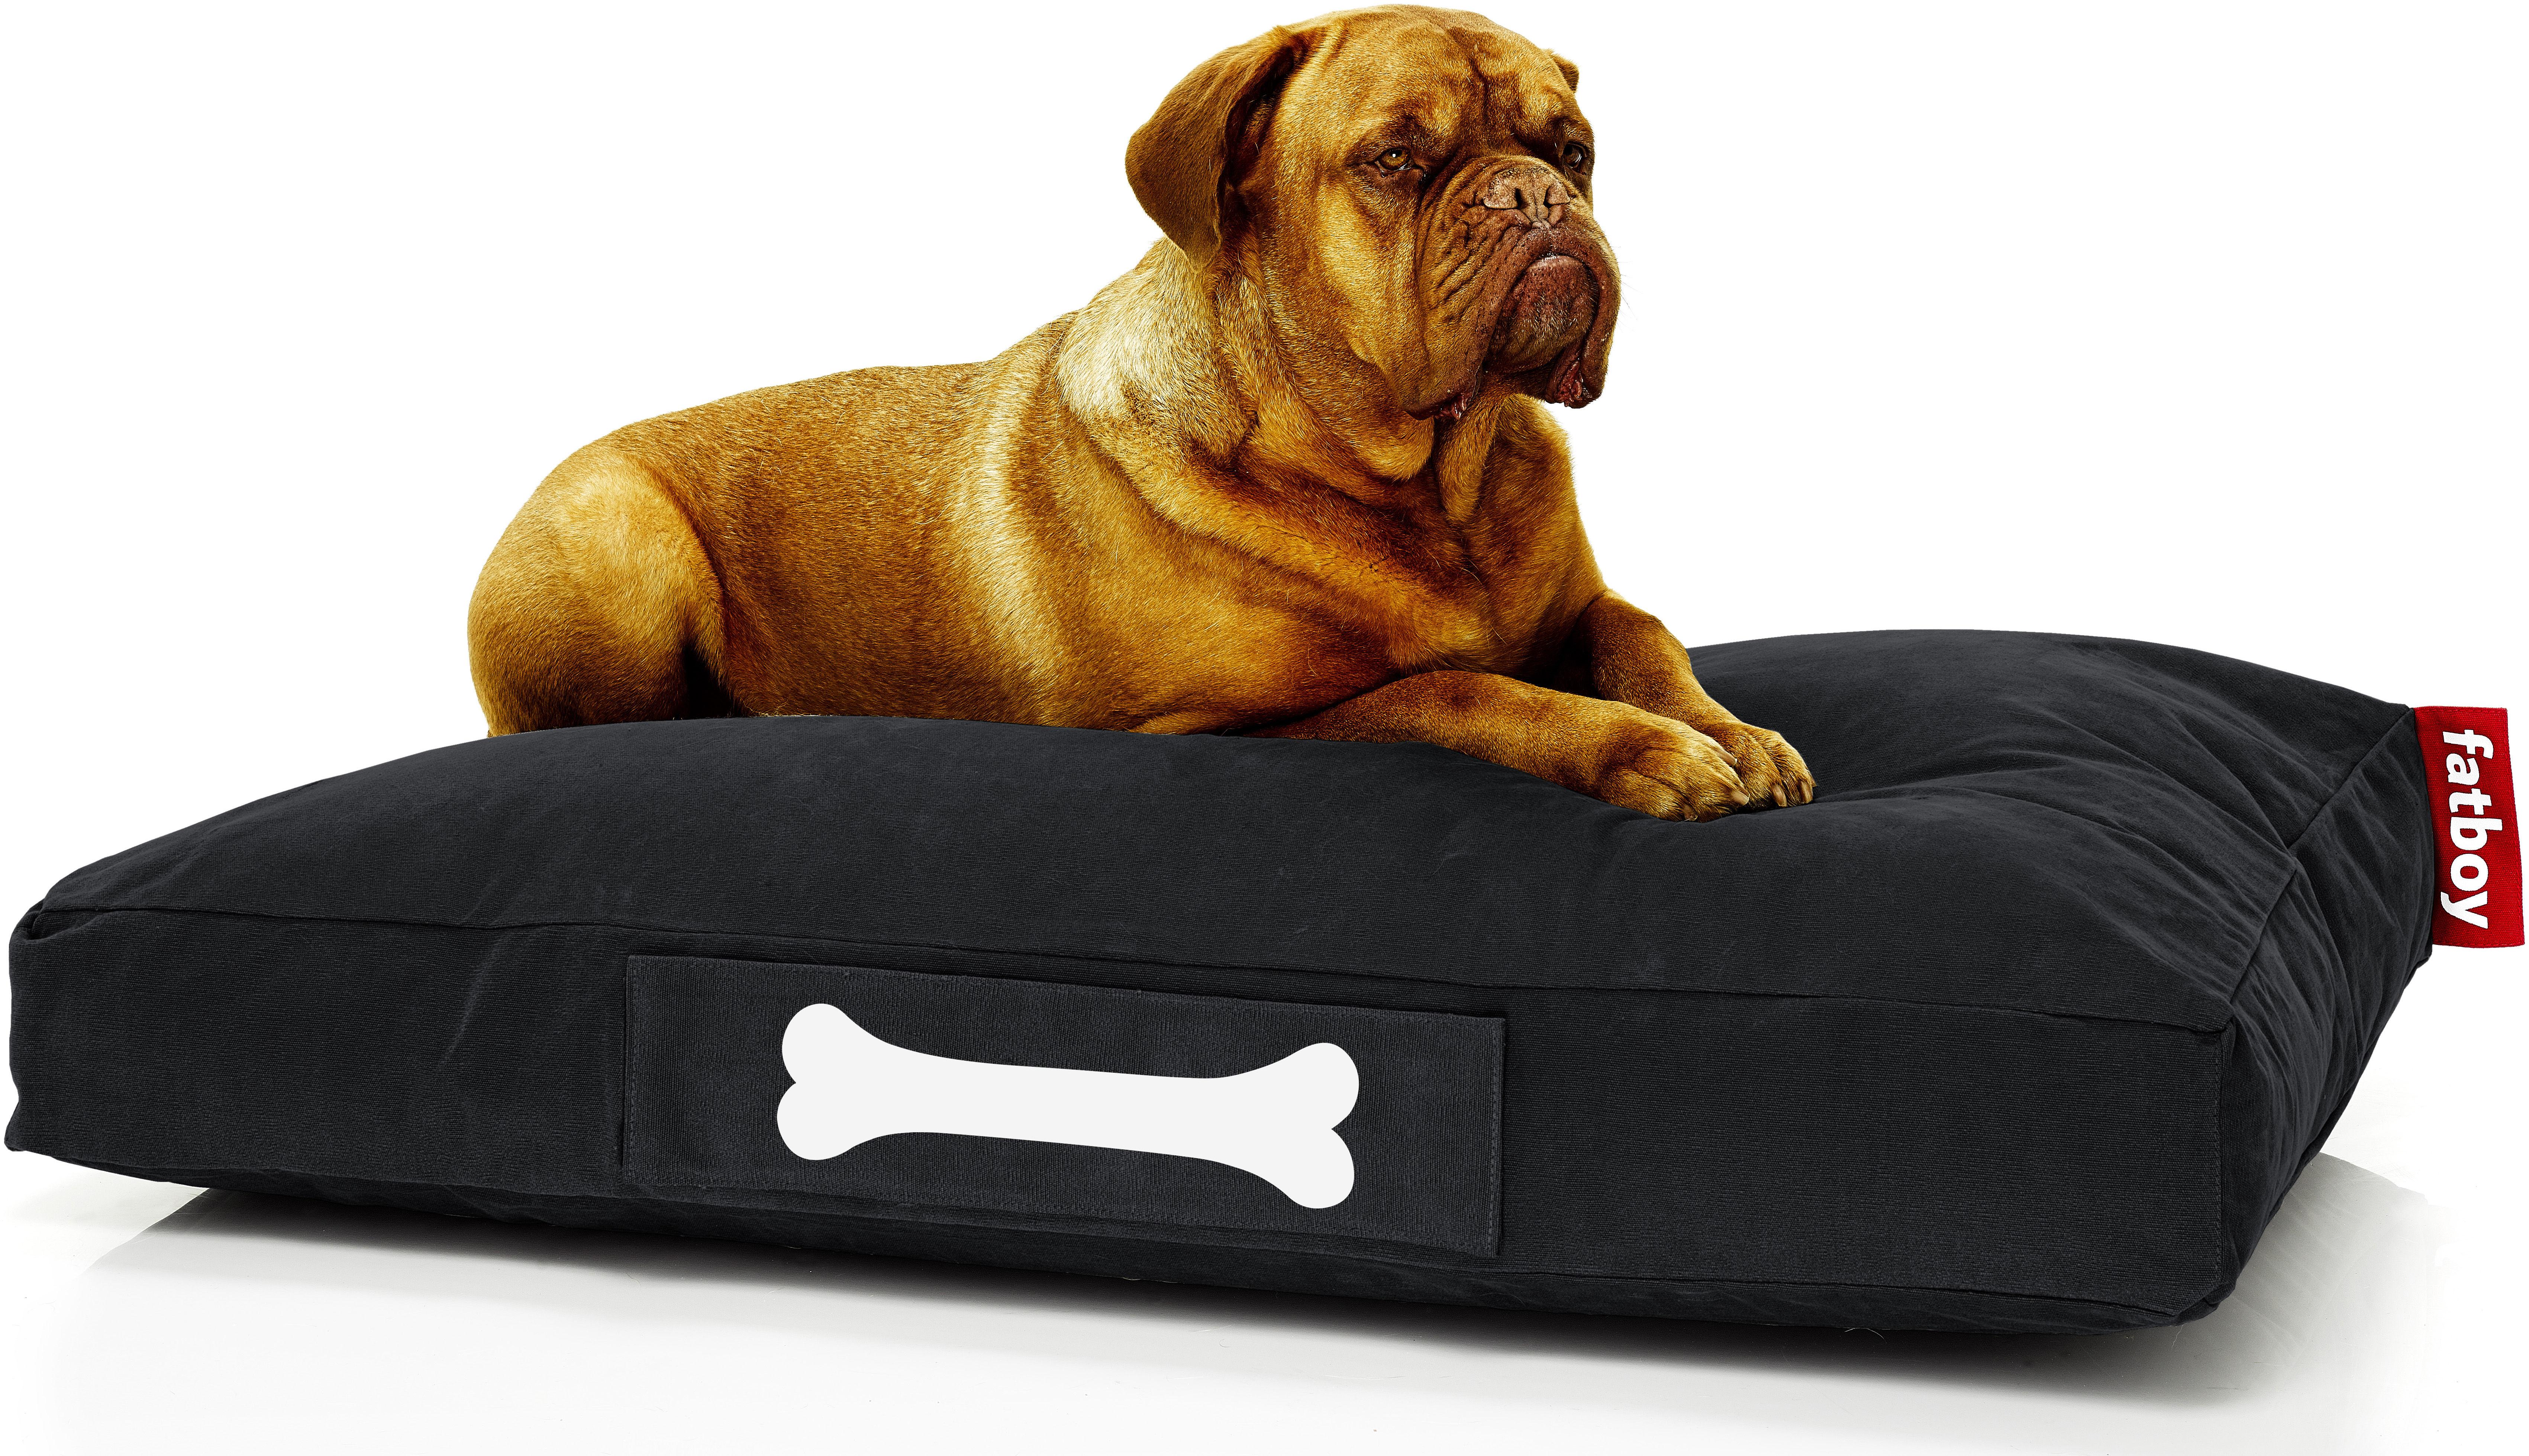 Möbel - Sitzkissen - Doggielounge Stonewashed Sitzkissen / Large - Fatboy - Schwarz - Baumwolle